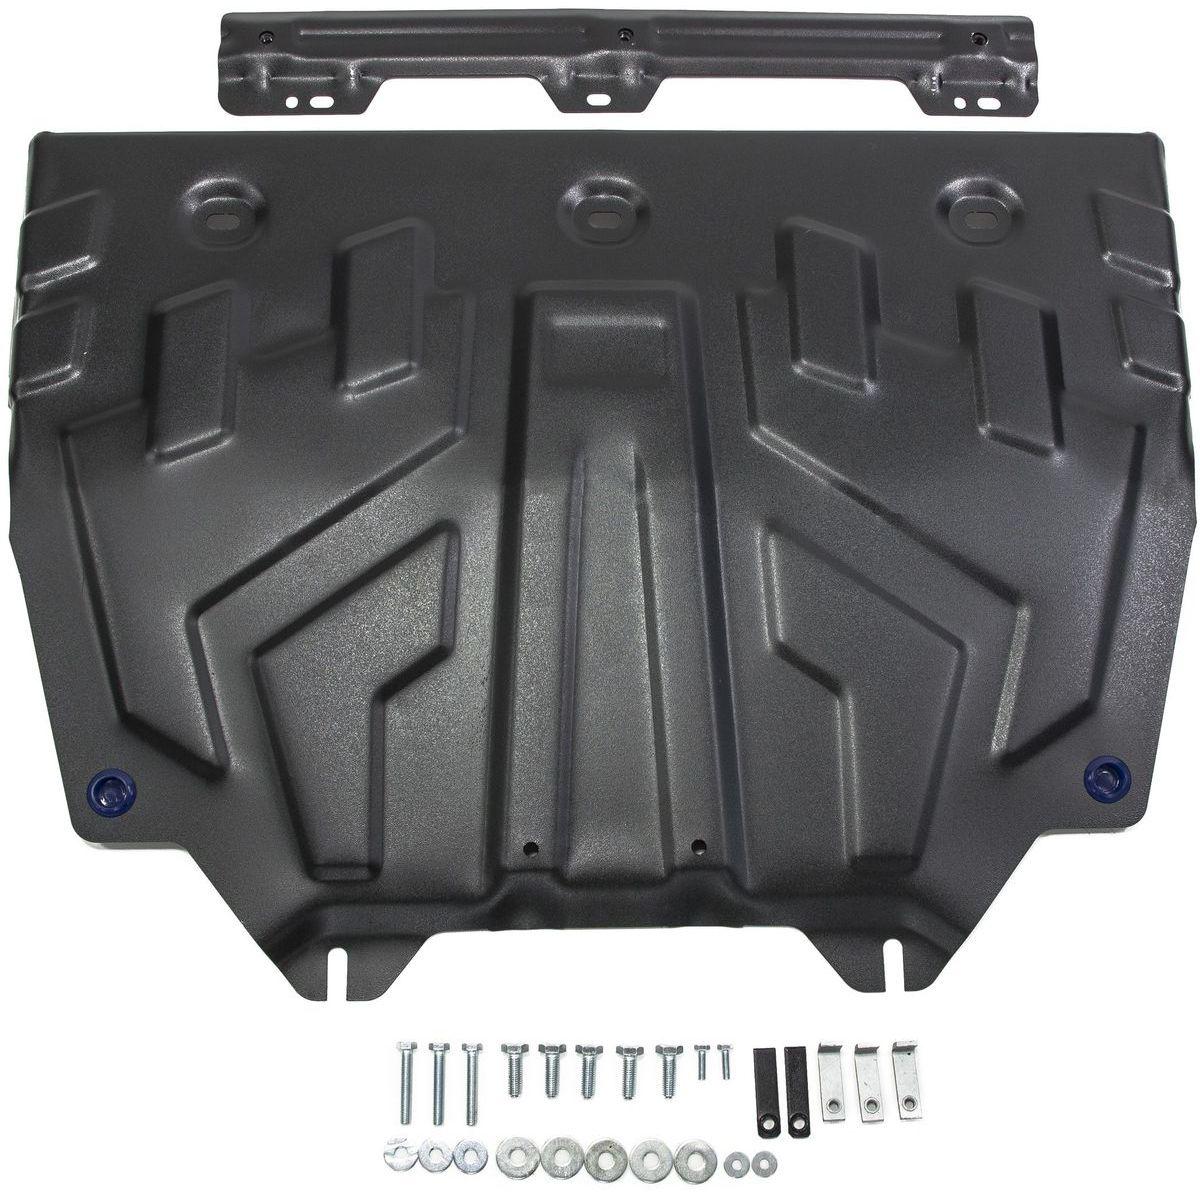 Купить Защита картера и КПП Rival , увеличенная, для Mazda 3 2013-н.в./Mazda 6 2012-2015 2015-н.в./Mazda CX-5 2011-2015 2015-2017 2017-н.в., сталь 2 мм